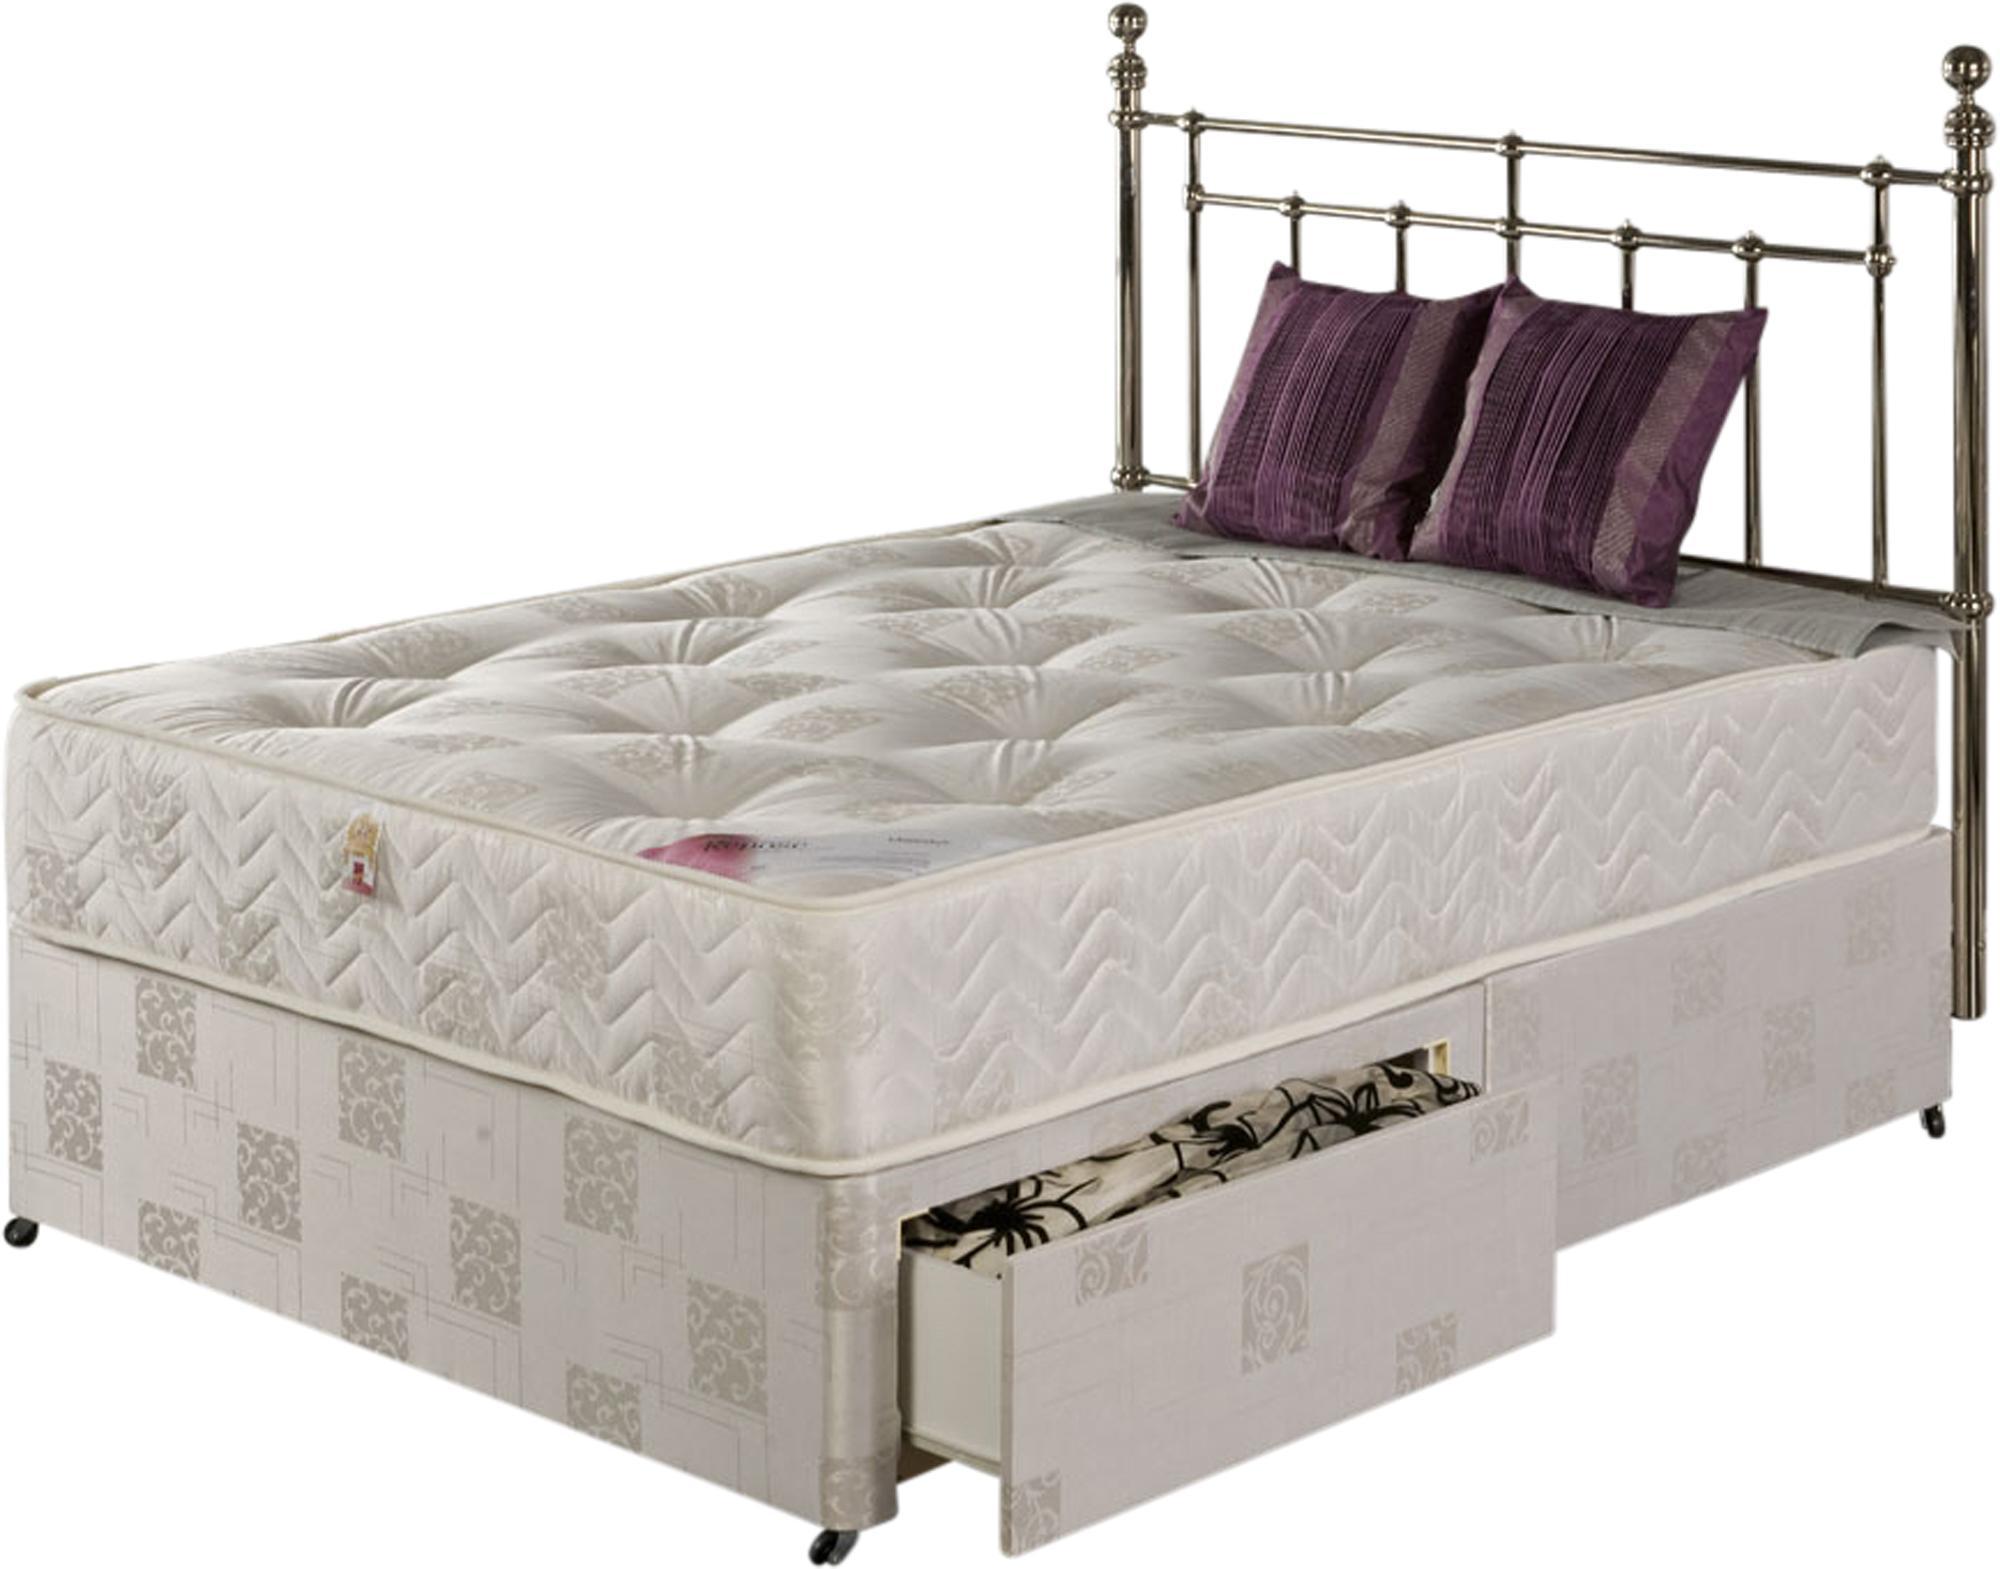 Soft cream majestyk mattress for Cream divan bed